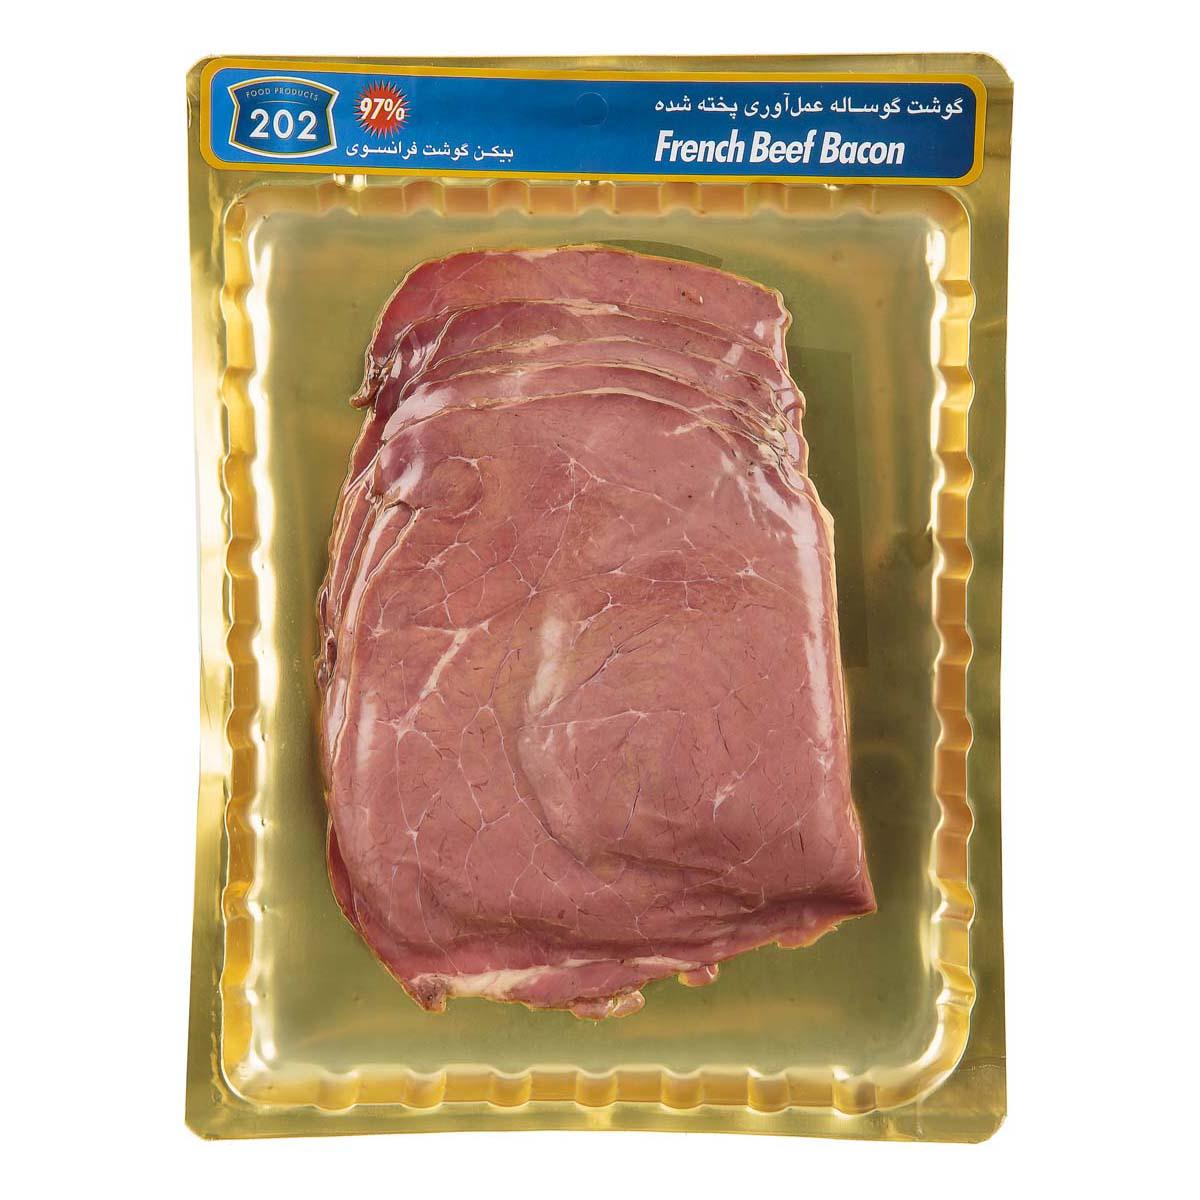 گوشت گوساله عمل آوری پخته شده 250 گرم بیکن گوشت فرانسوی 202 - گوشت گوساله عمل آوری پخته شده 250 گرم بیکن گوشت فرانسوی 202